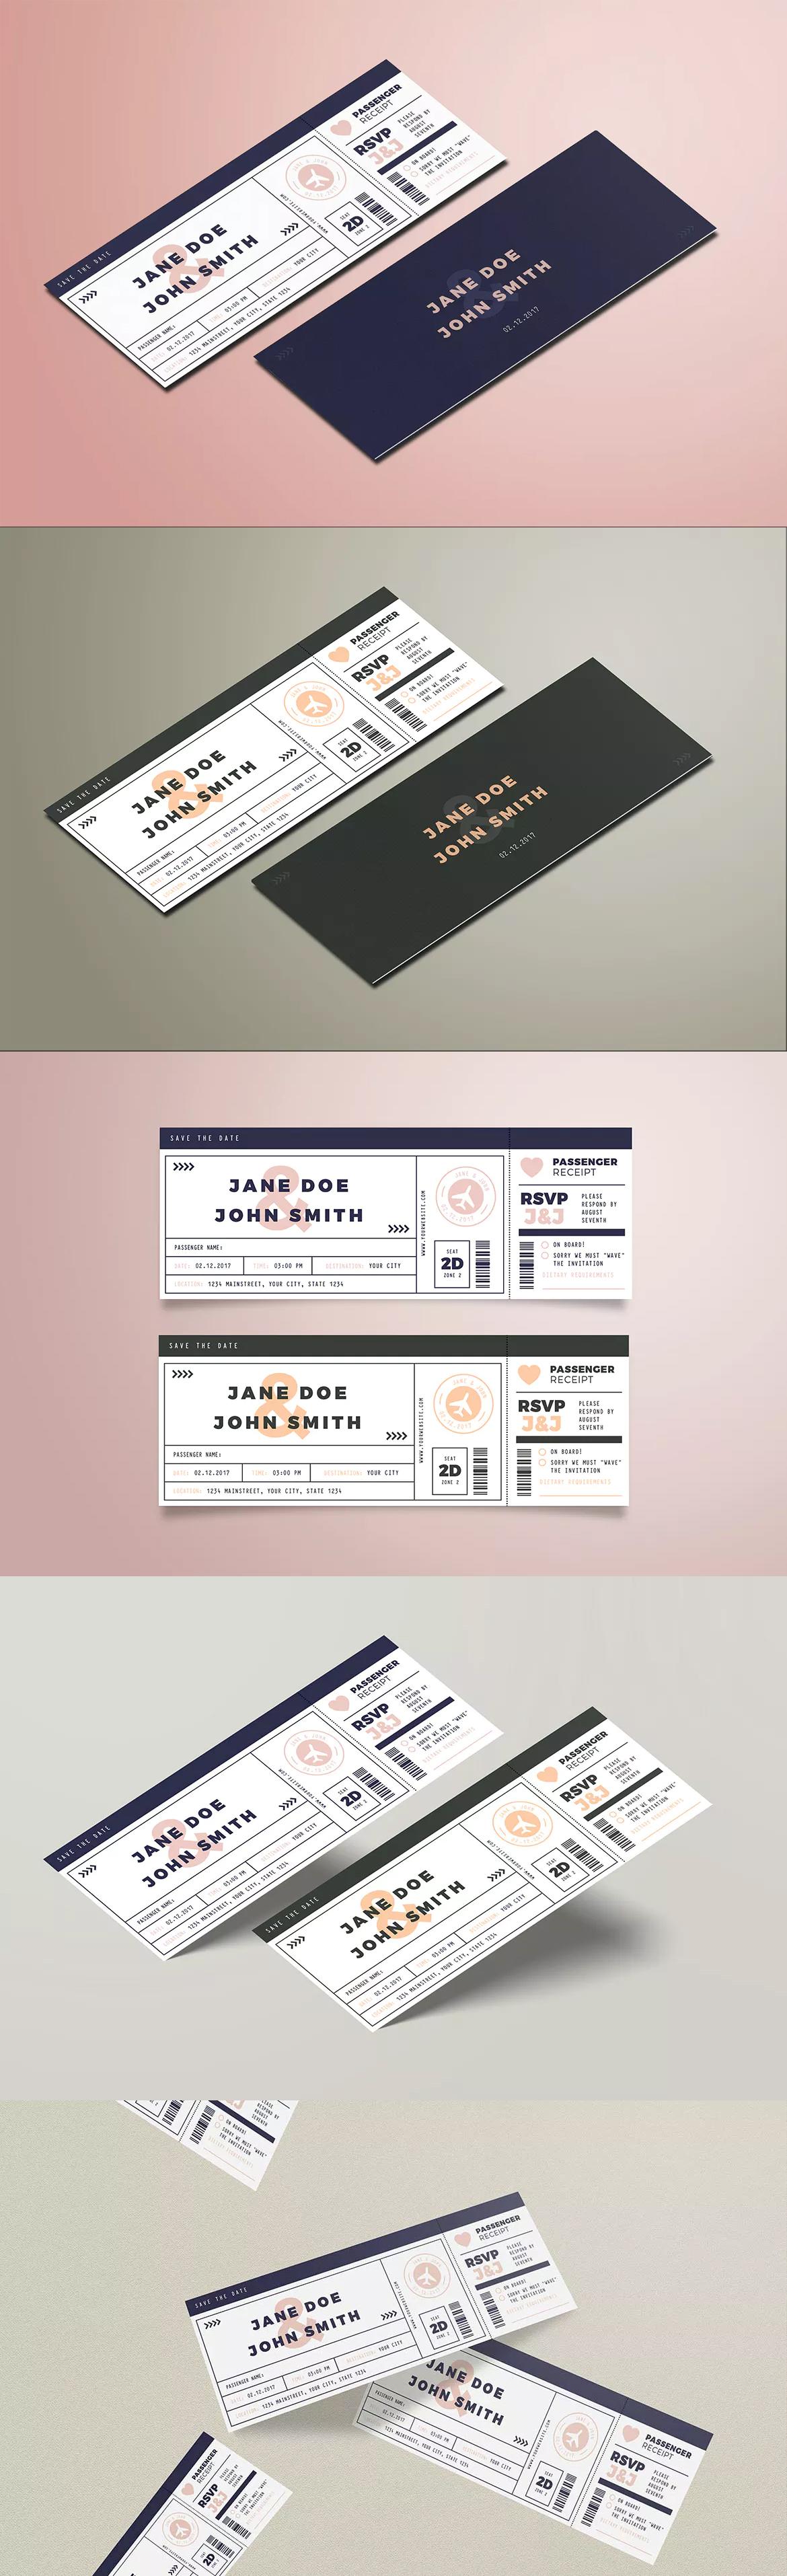 Boarding Pass Wedding Invitation AI, PSD   Card & Invite Design ...